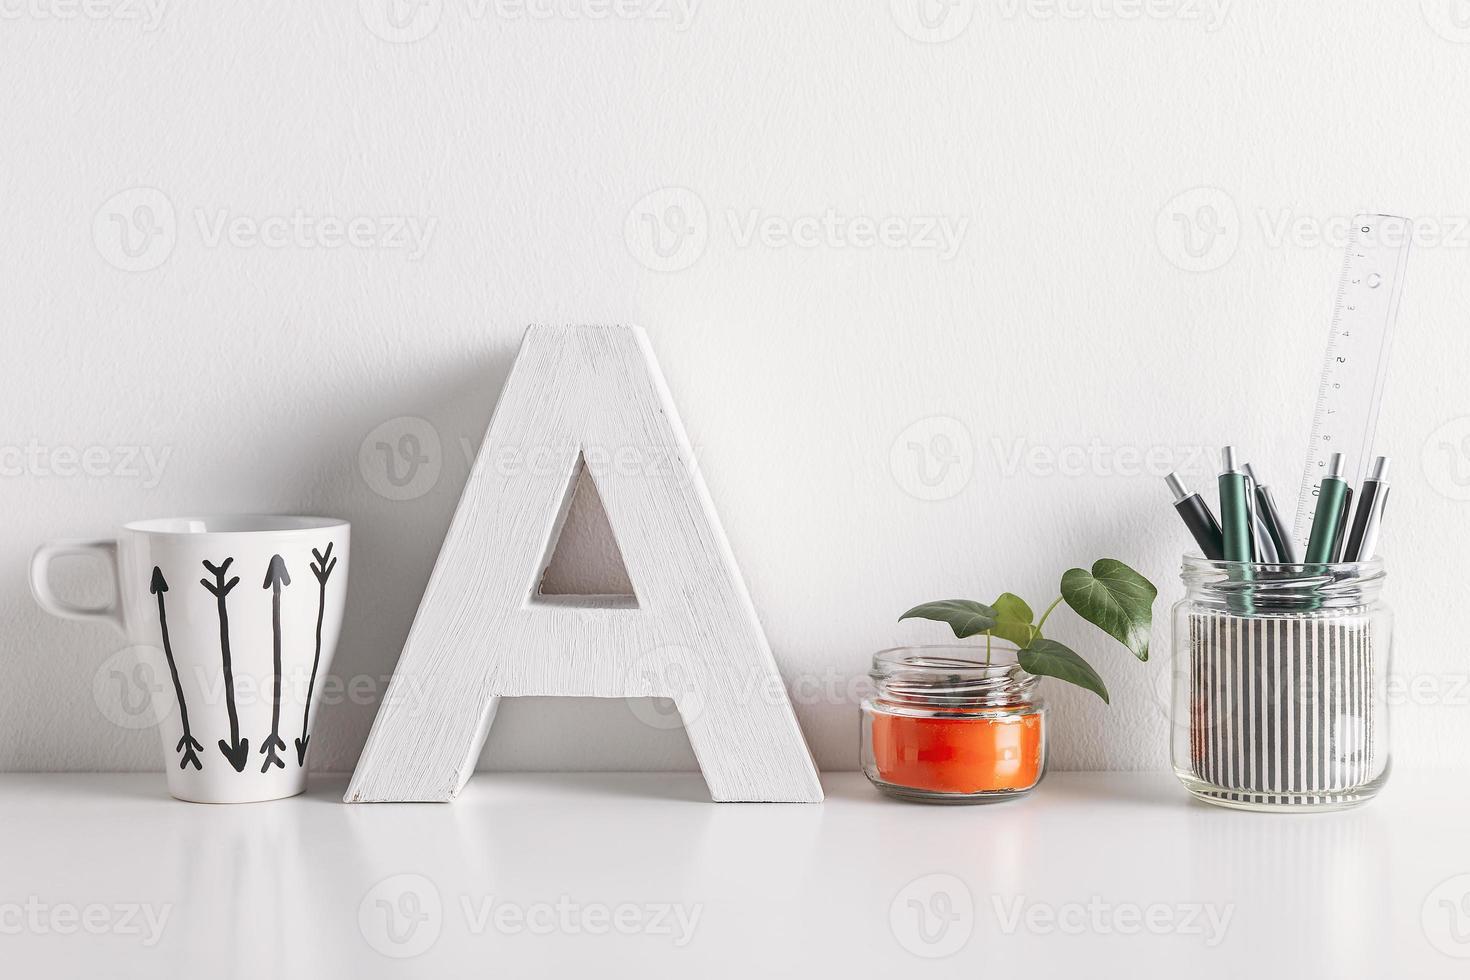 decorazione dell'ufficio fai da te su sfondo bianco. foto